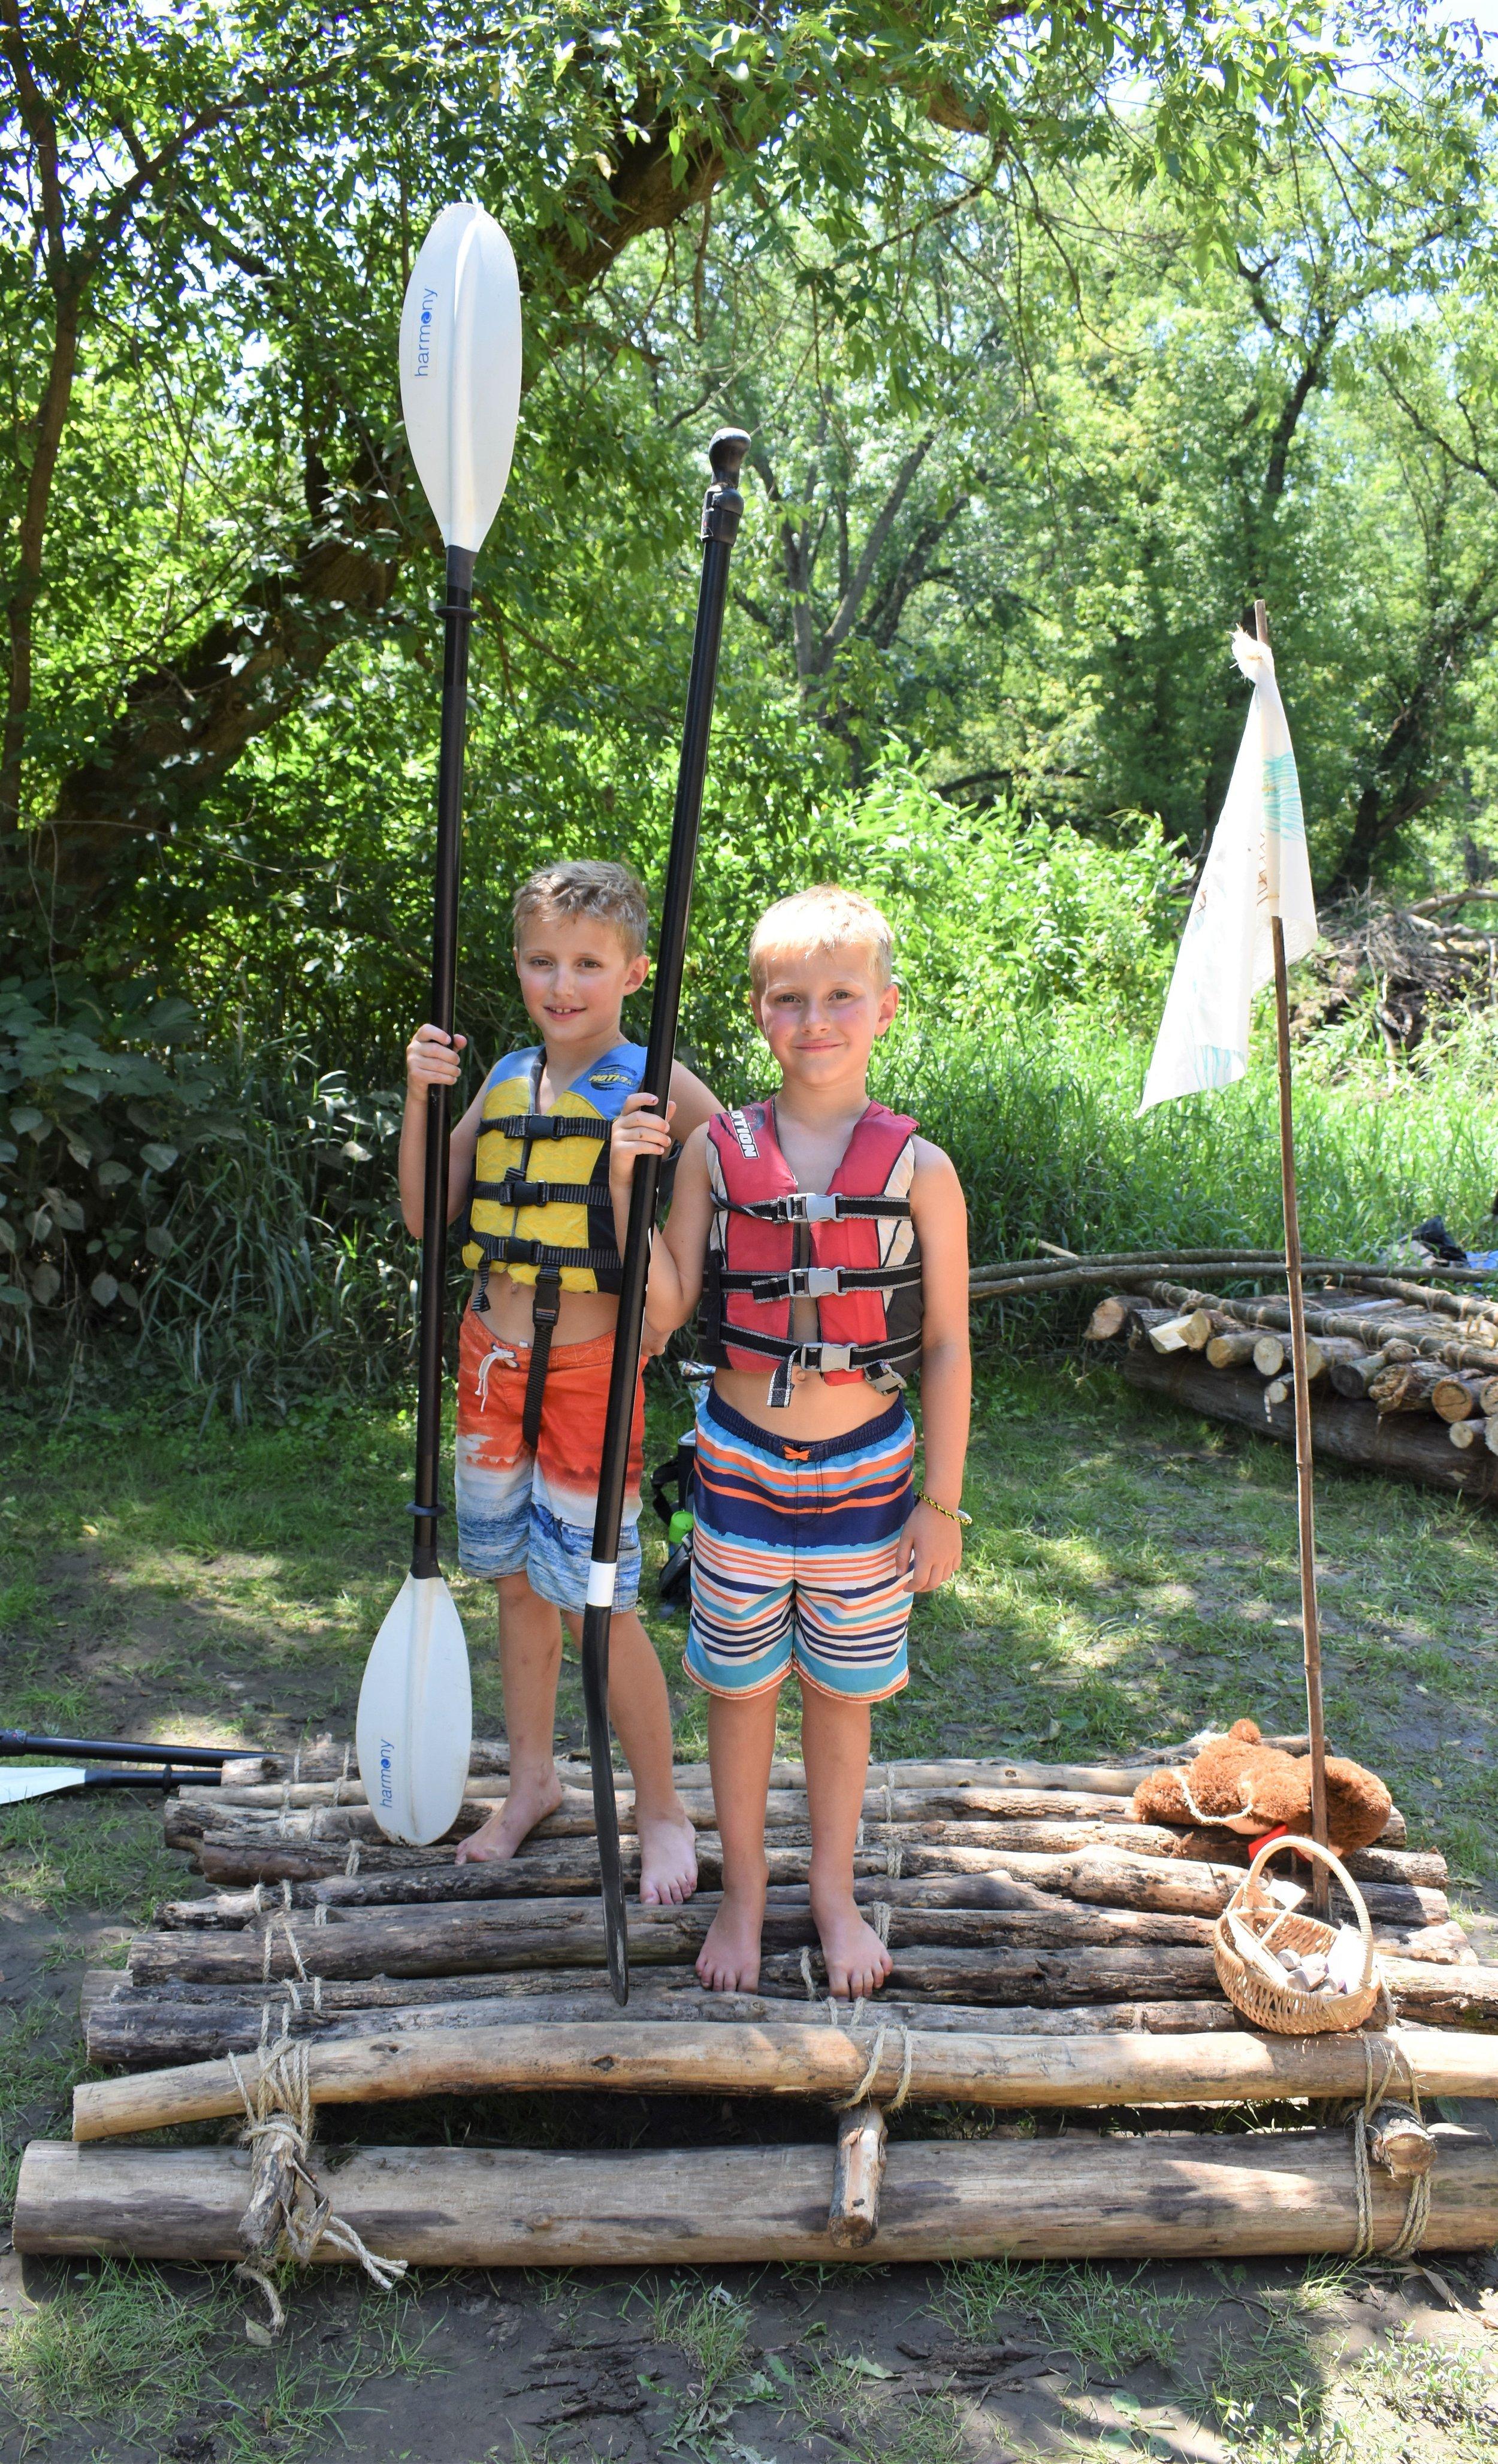 Raft 3-  Hixson Katz and his younger brother Kieran of Sun Prairie, WI